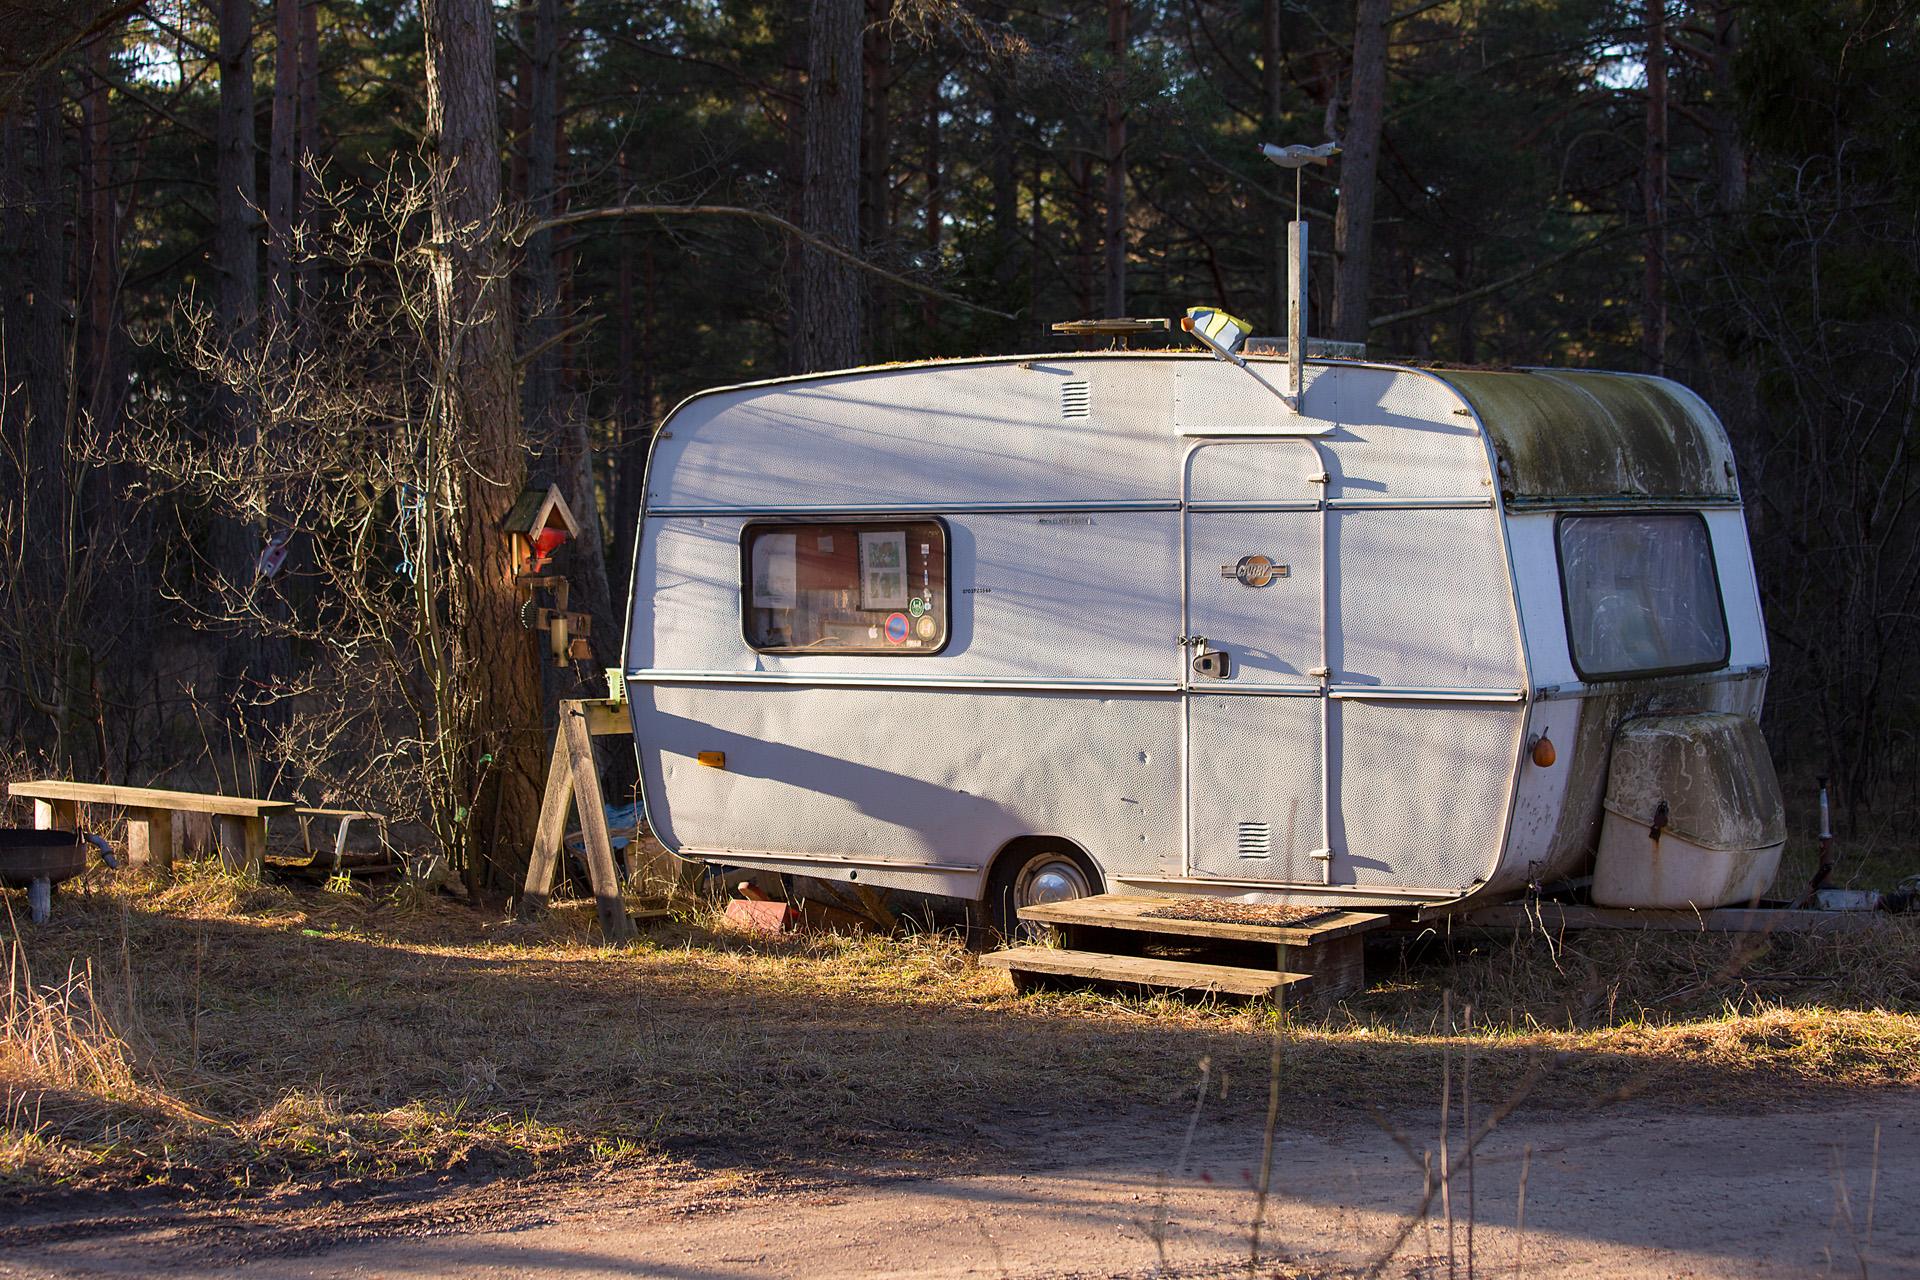 Jakt häftig husvagn i skogen Alexa Produktion